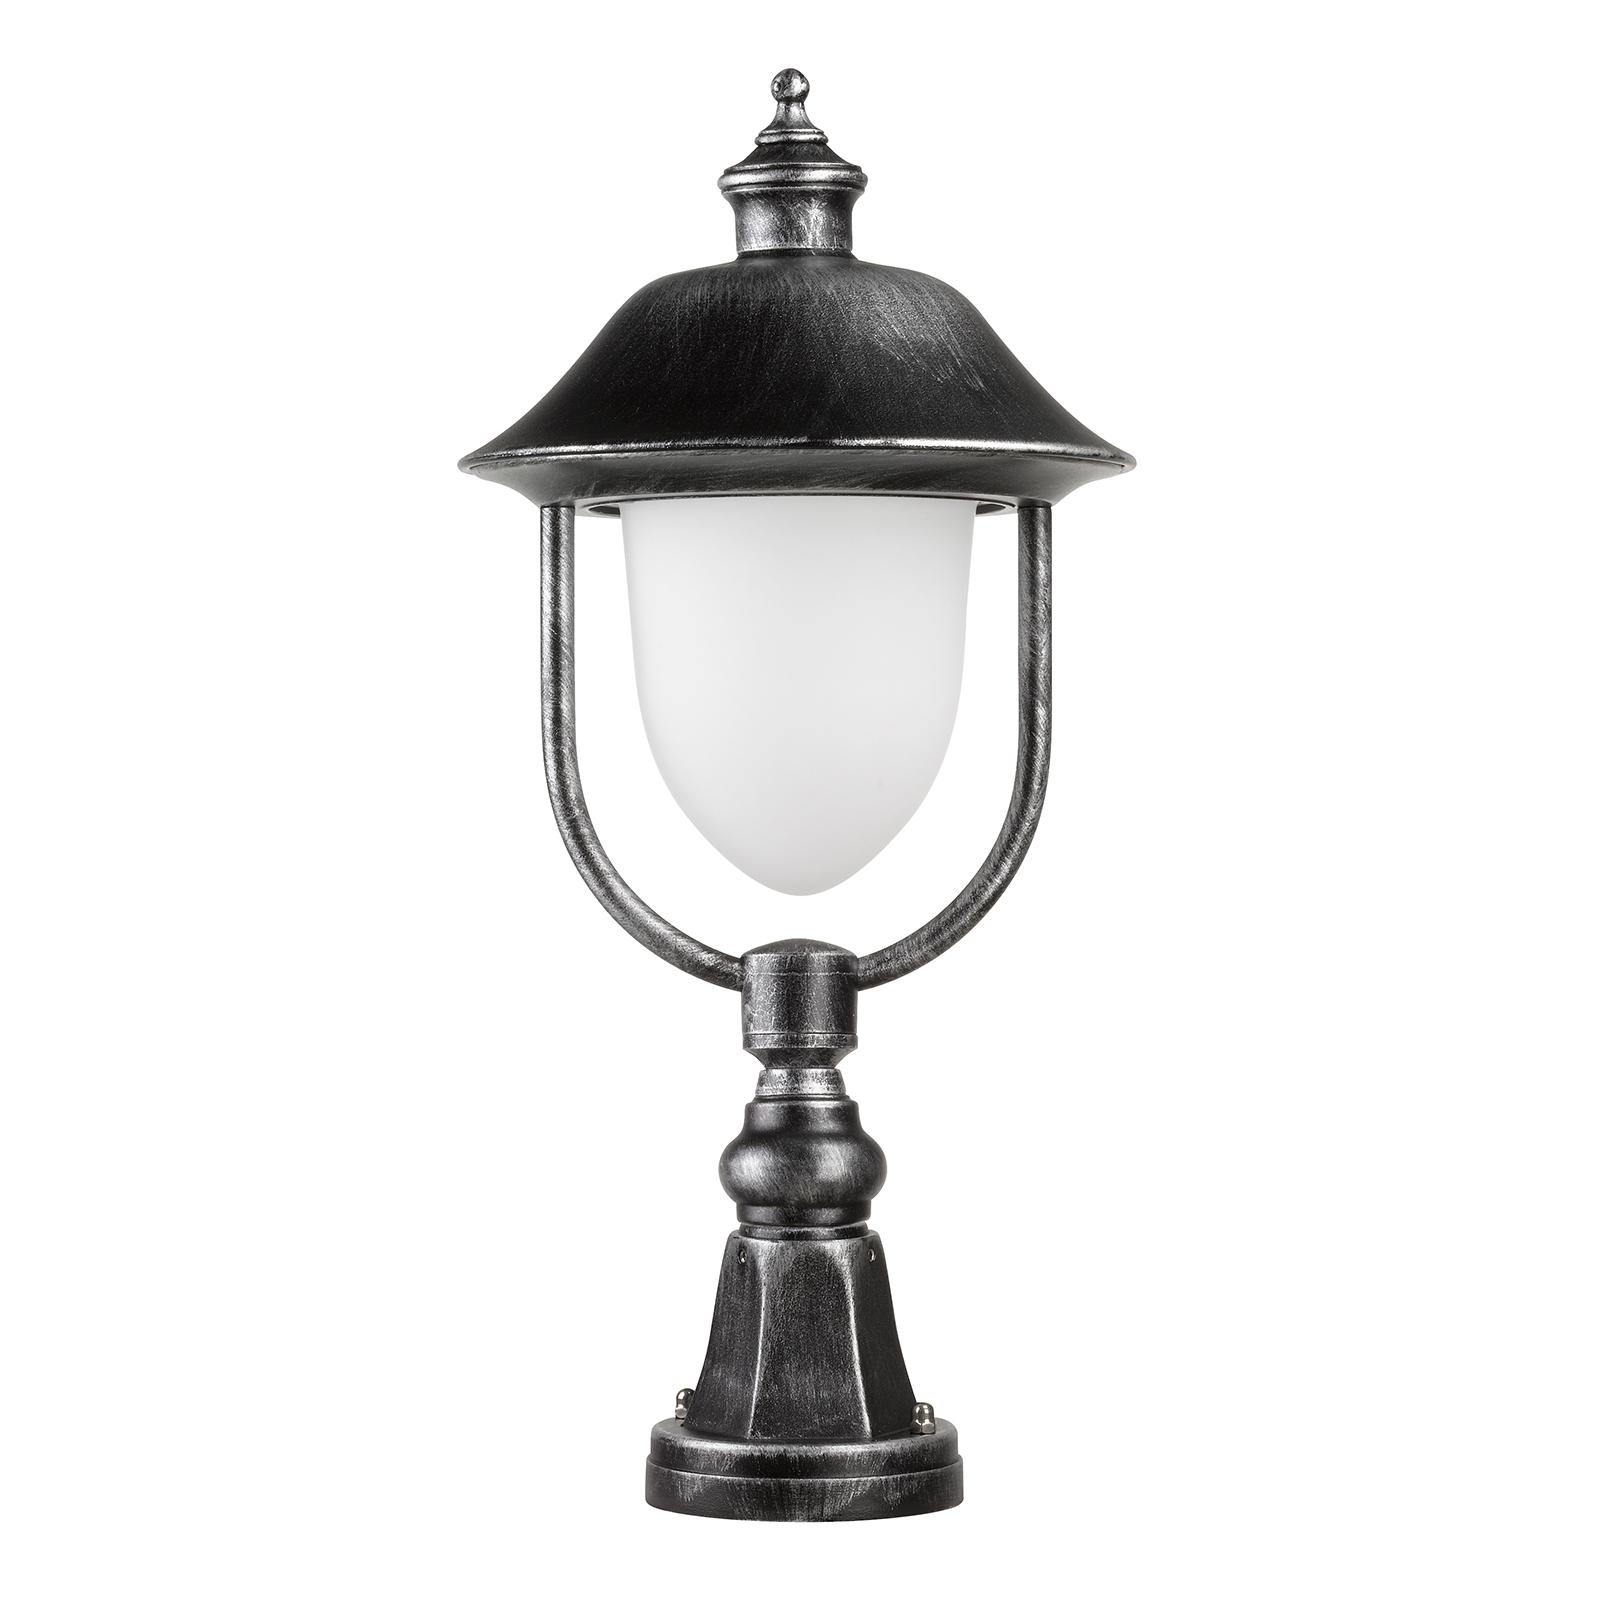 Sokkellampe 1156, sort/sølv